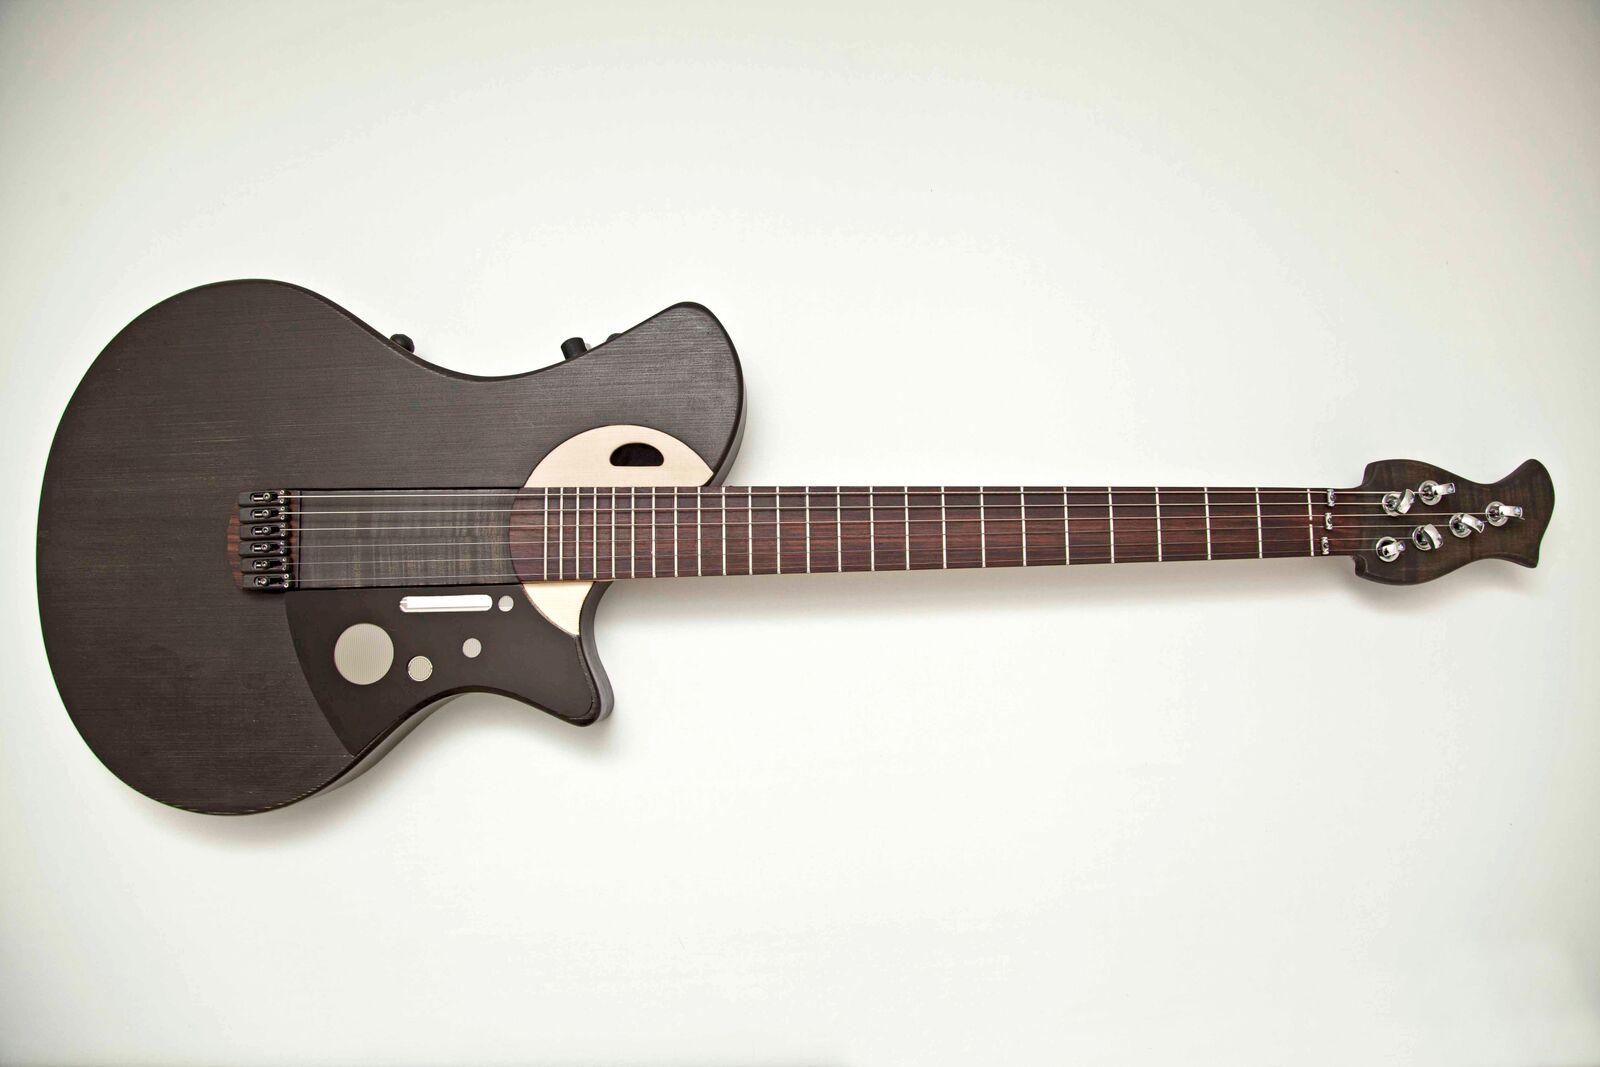 sensu chitarra smart